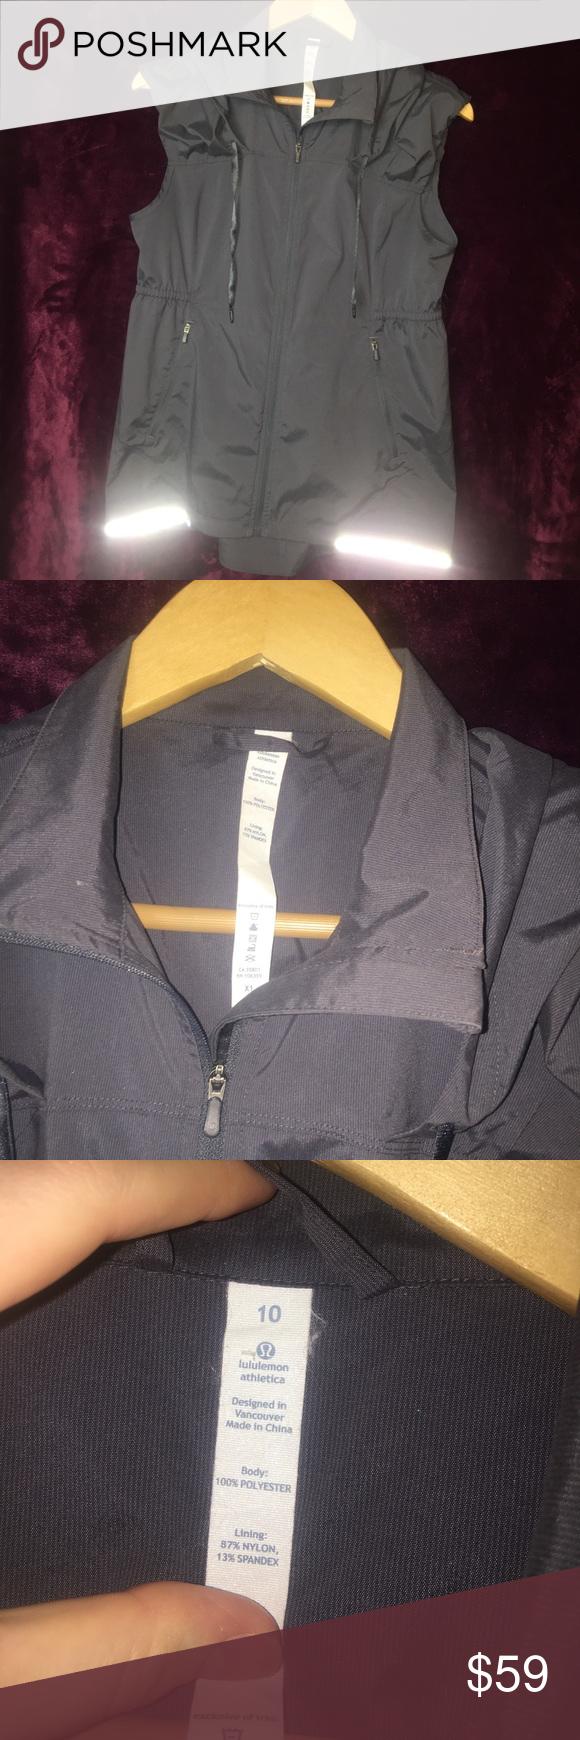 LuLuLemon Reflective ZipUp Vest with Hood (8/10) Brand